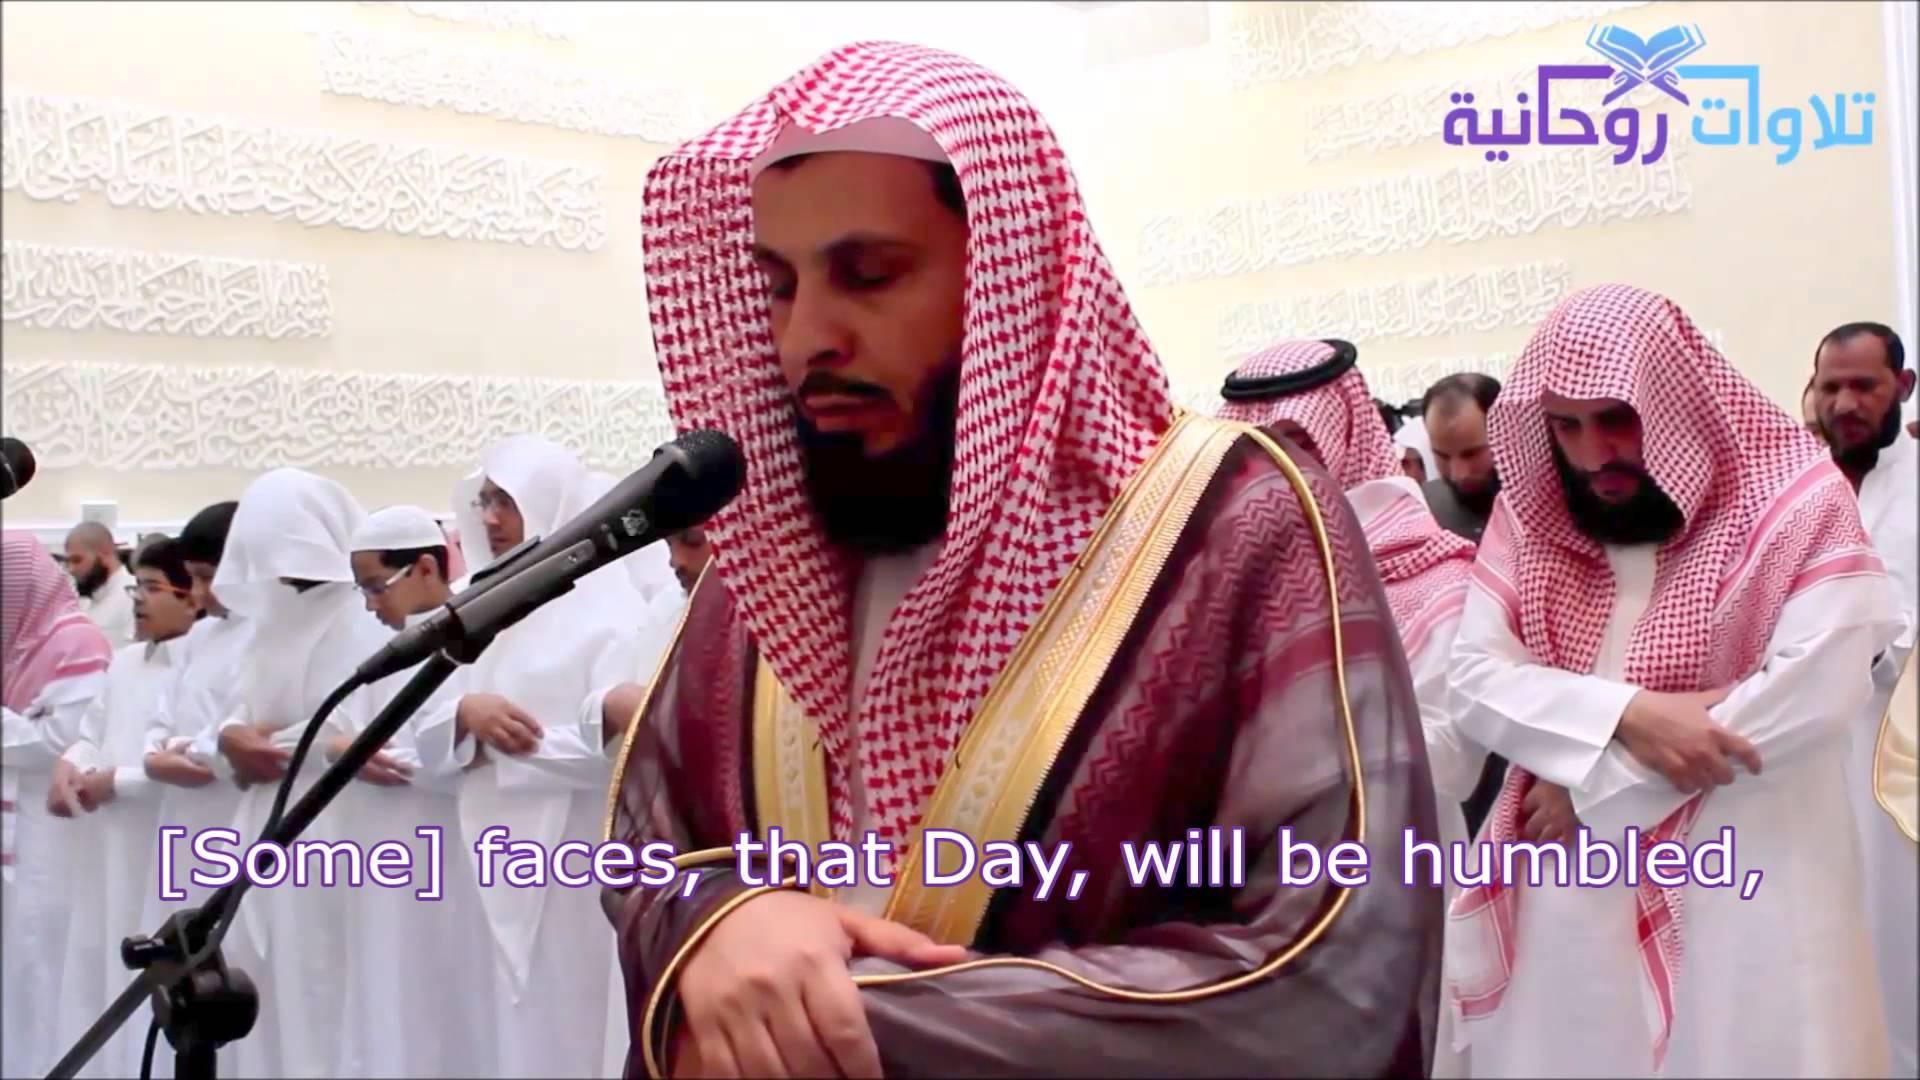 शेख अबू सालेह अल तालेब इमाम ए काबा